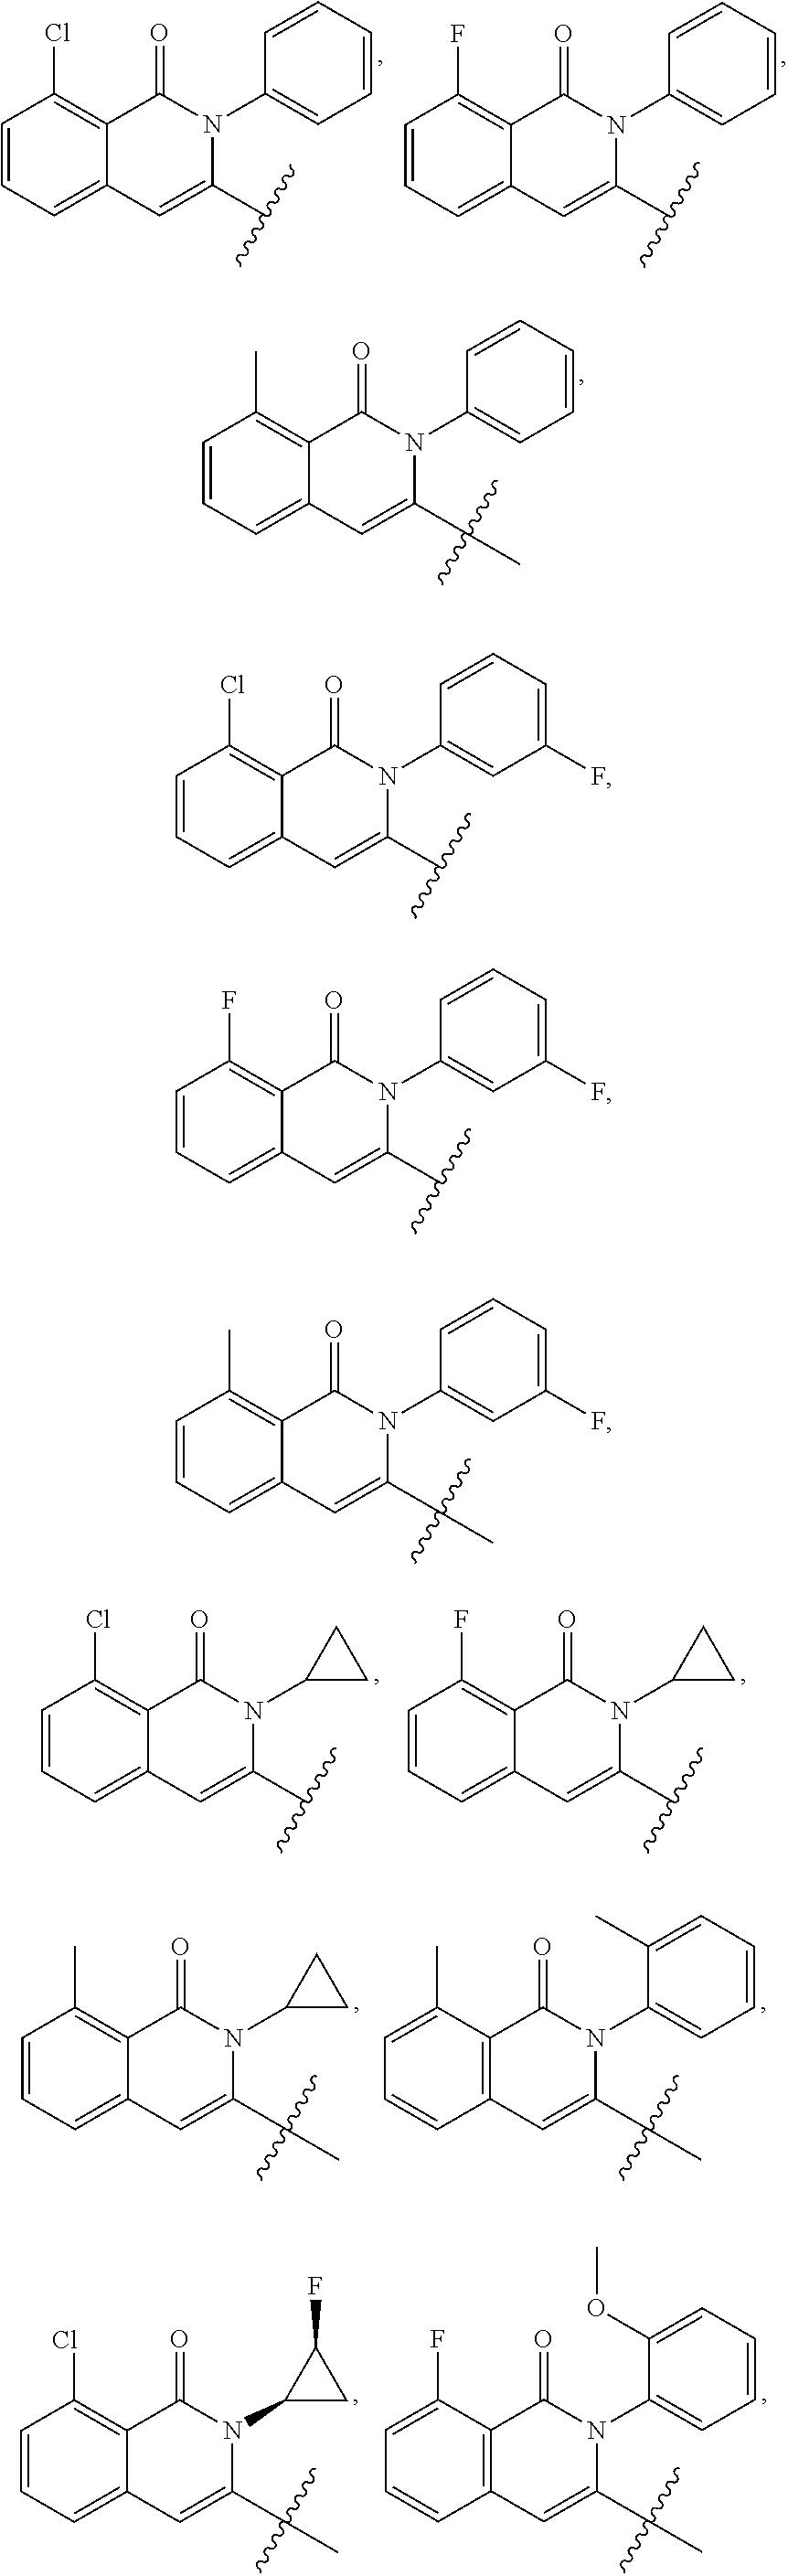 Figure US09657007-20170523-C00012